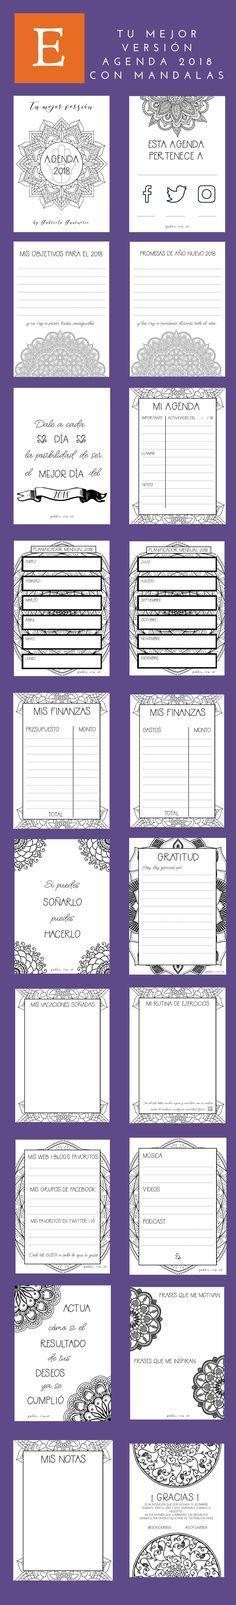 Agenda 2018 con mandalas para colorear y journaling. Diseña tu año. Bullet journal en español. Journaling.